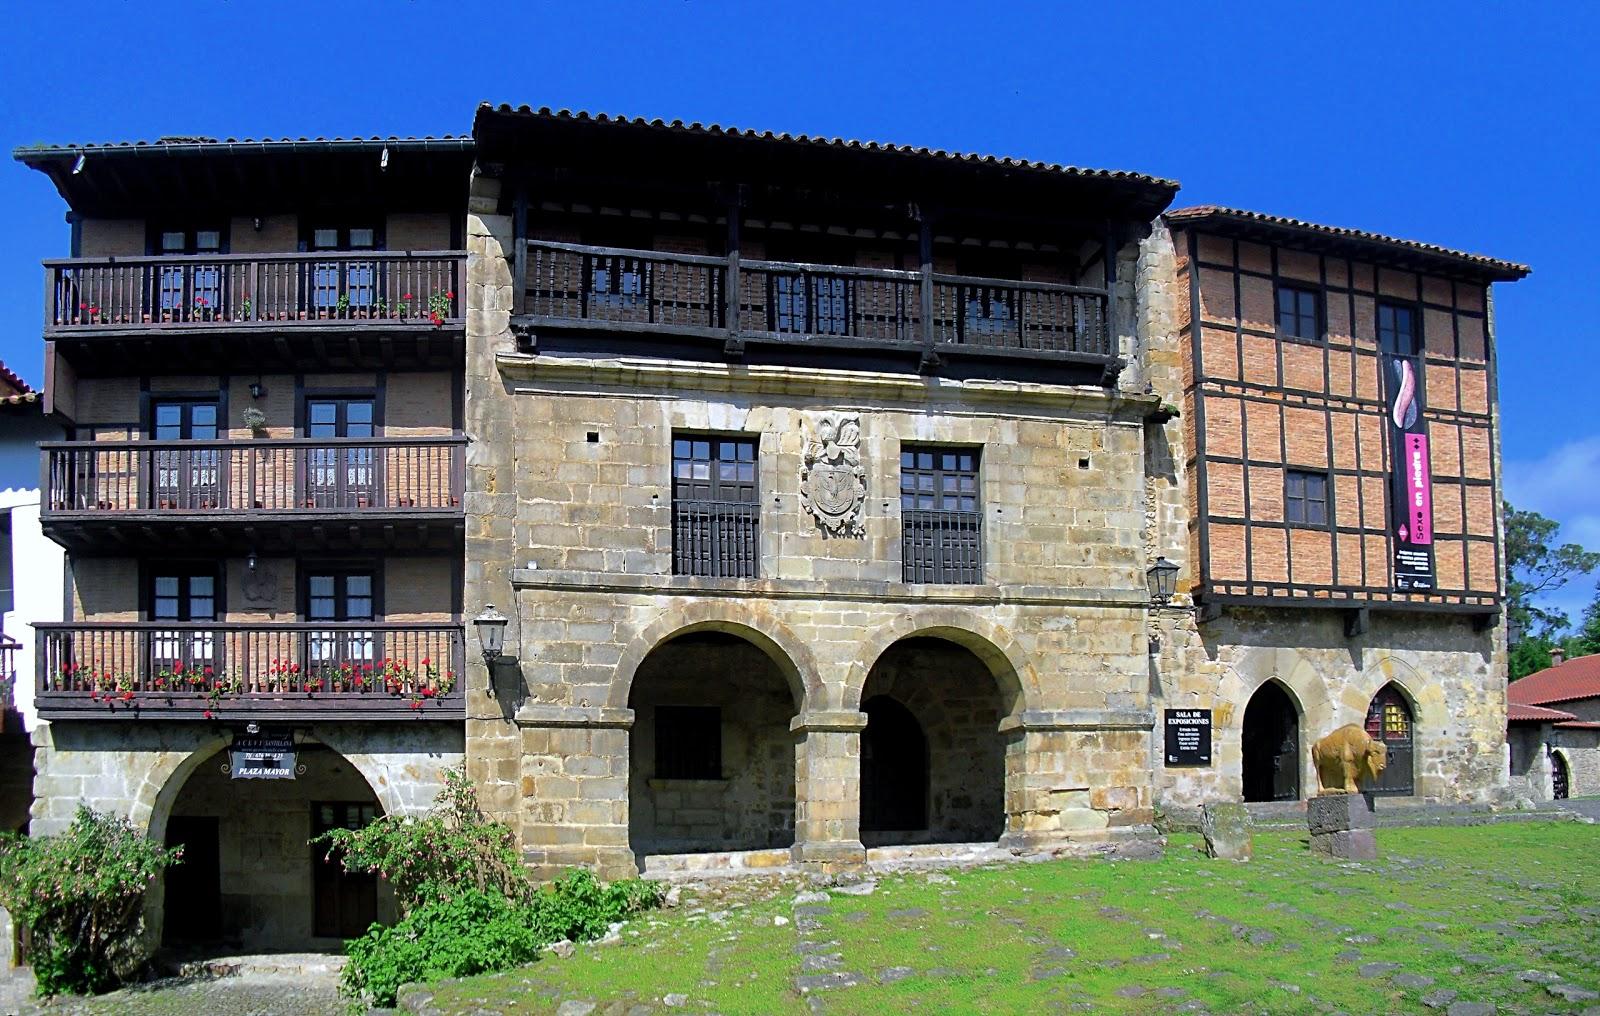 La ciudad habla casas del aguila y la parra santillana - La casa de las angulas ...